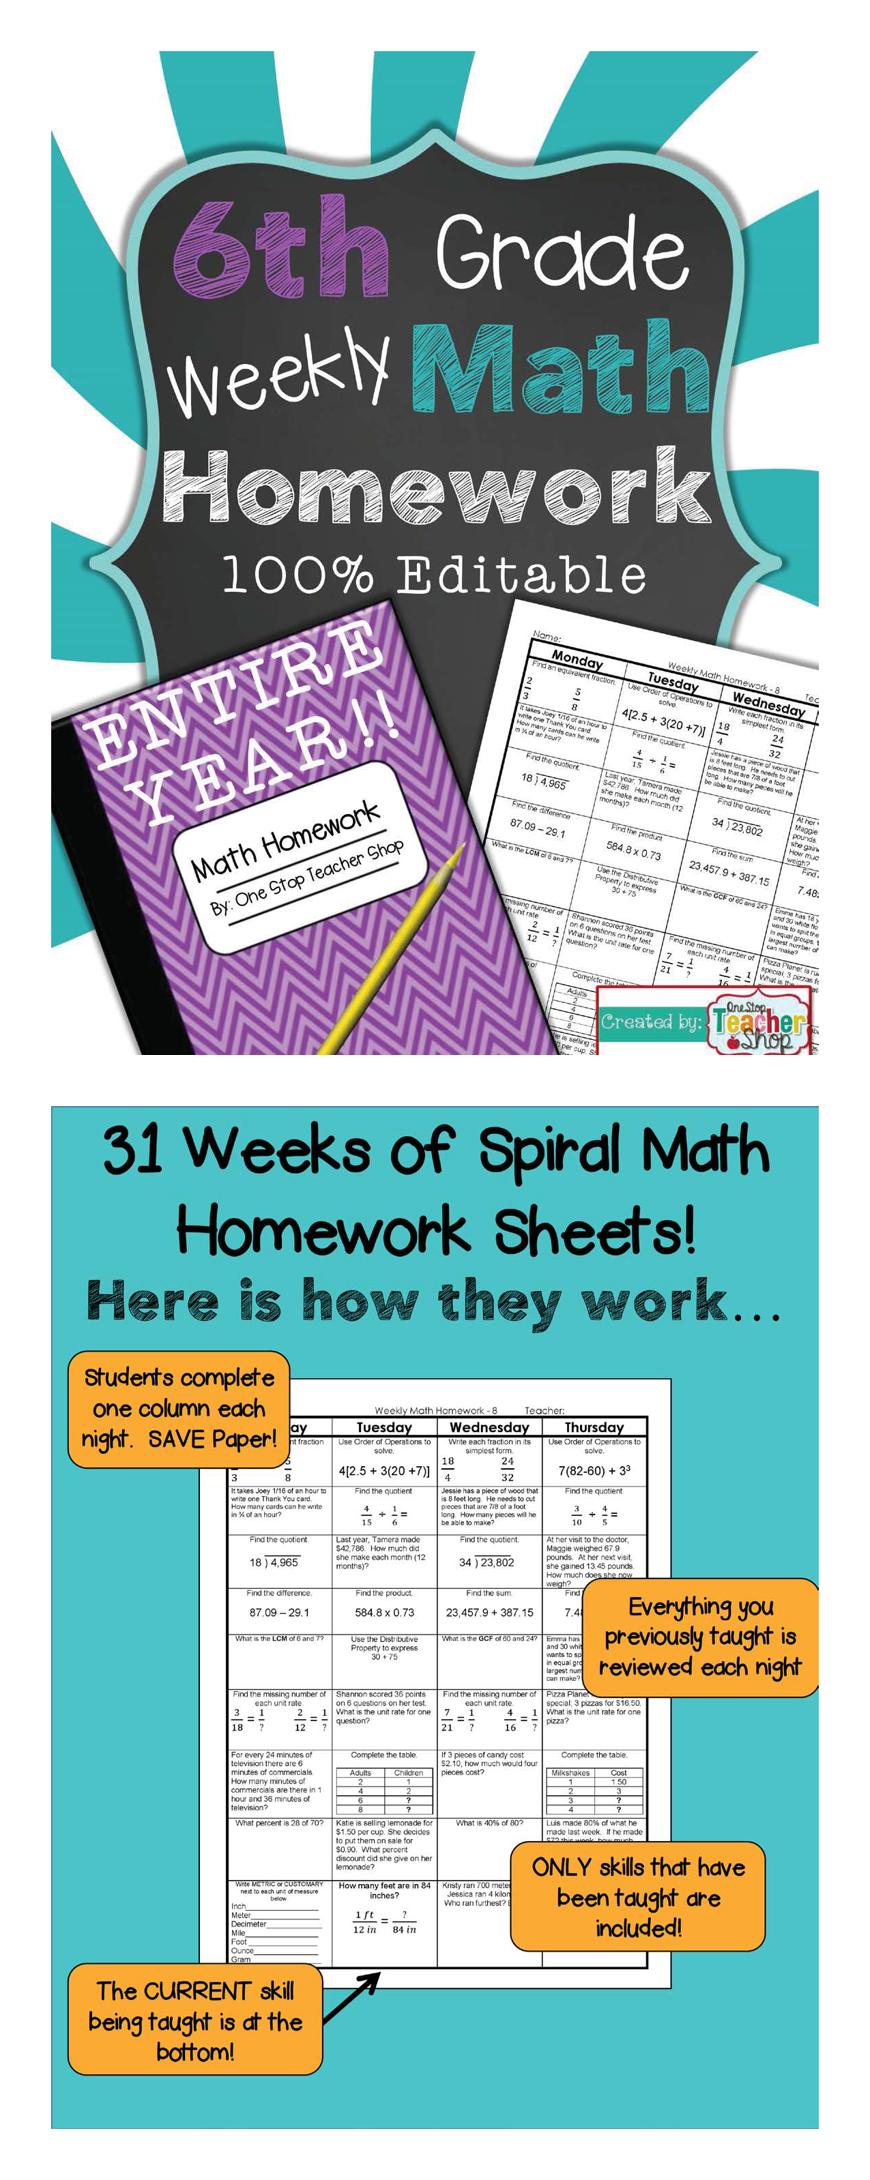 6th Grade Math Spiral Review | Homework, Warm Ups, Daily Math Review ...